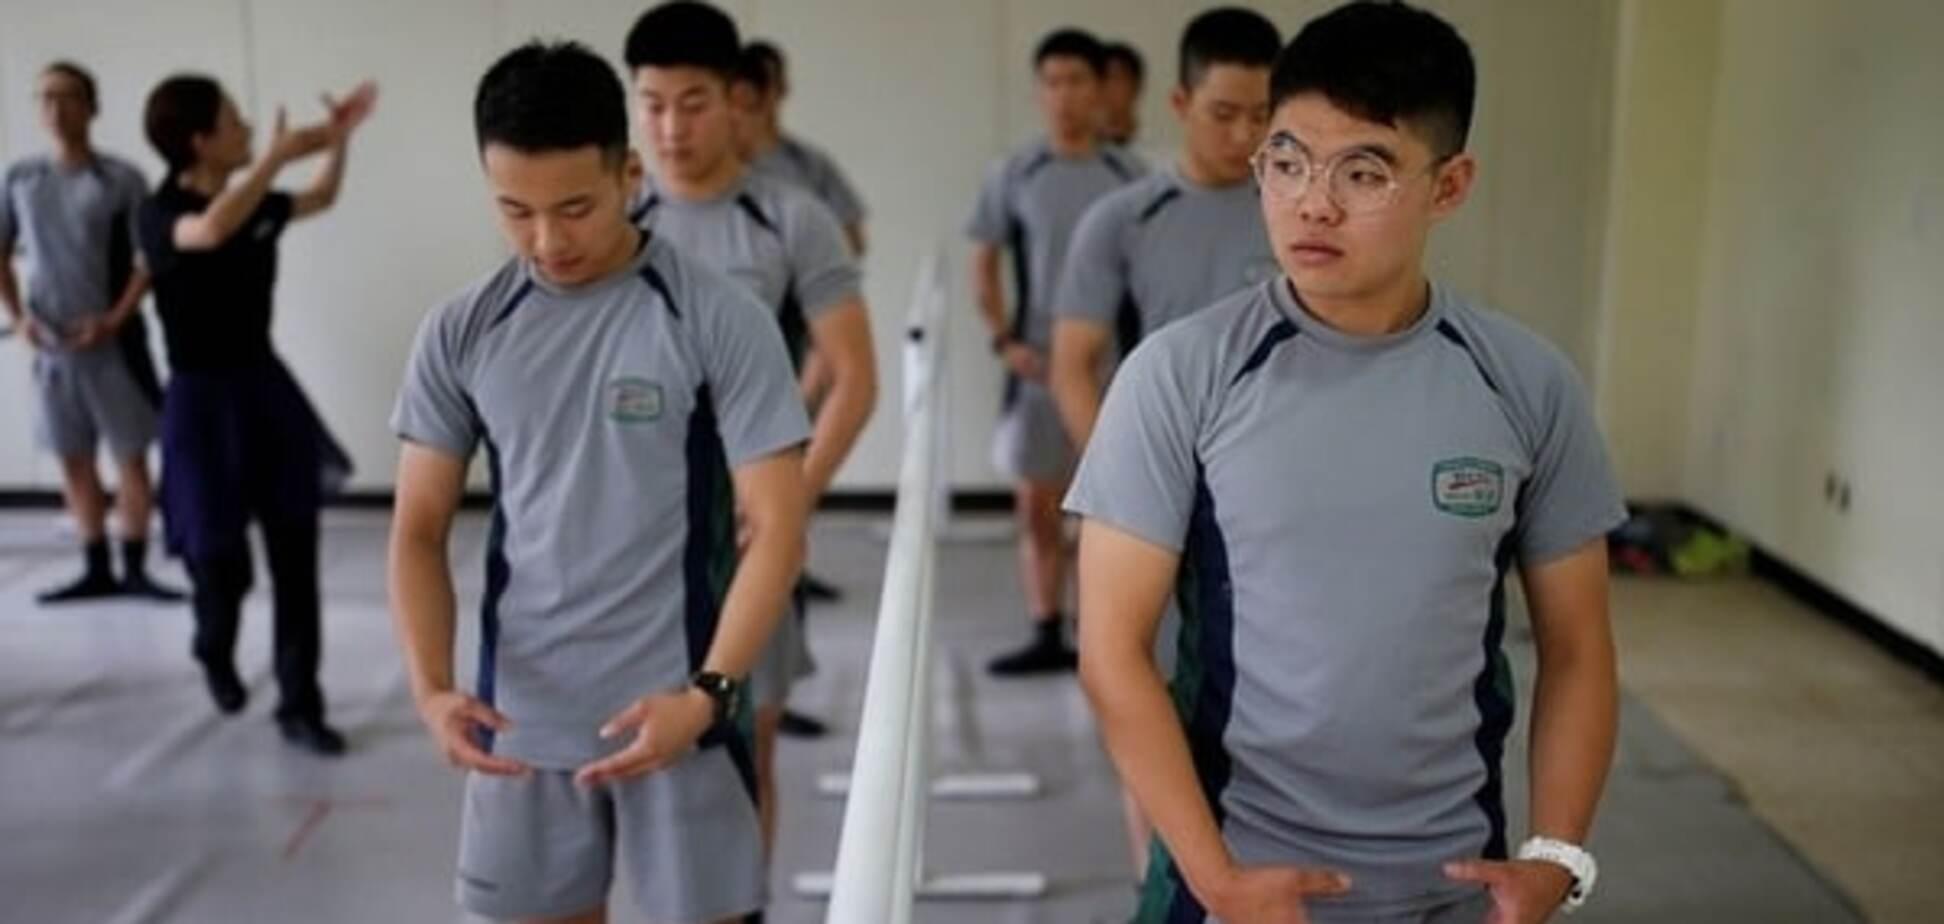 'Лебединое озеро': в сети показали, чем занимаются южнокорейские солдаты на досуге. Видео